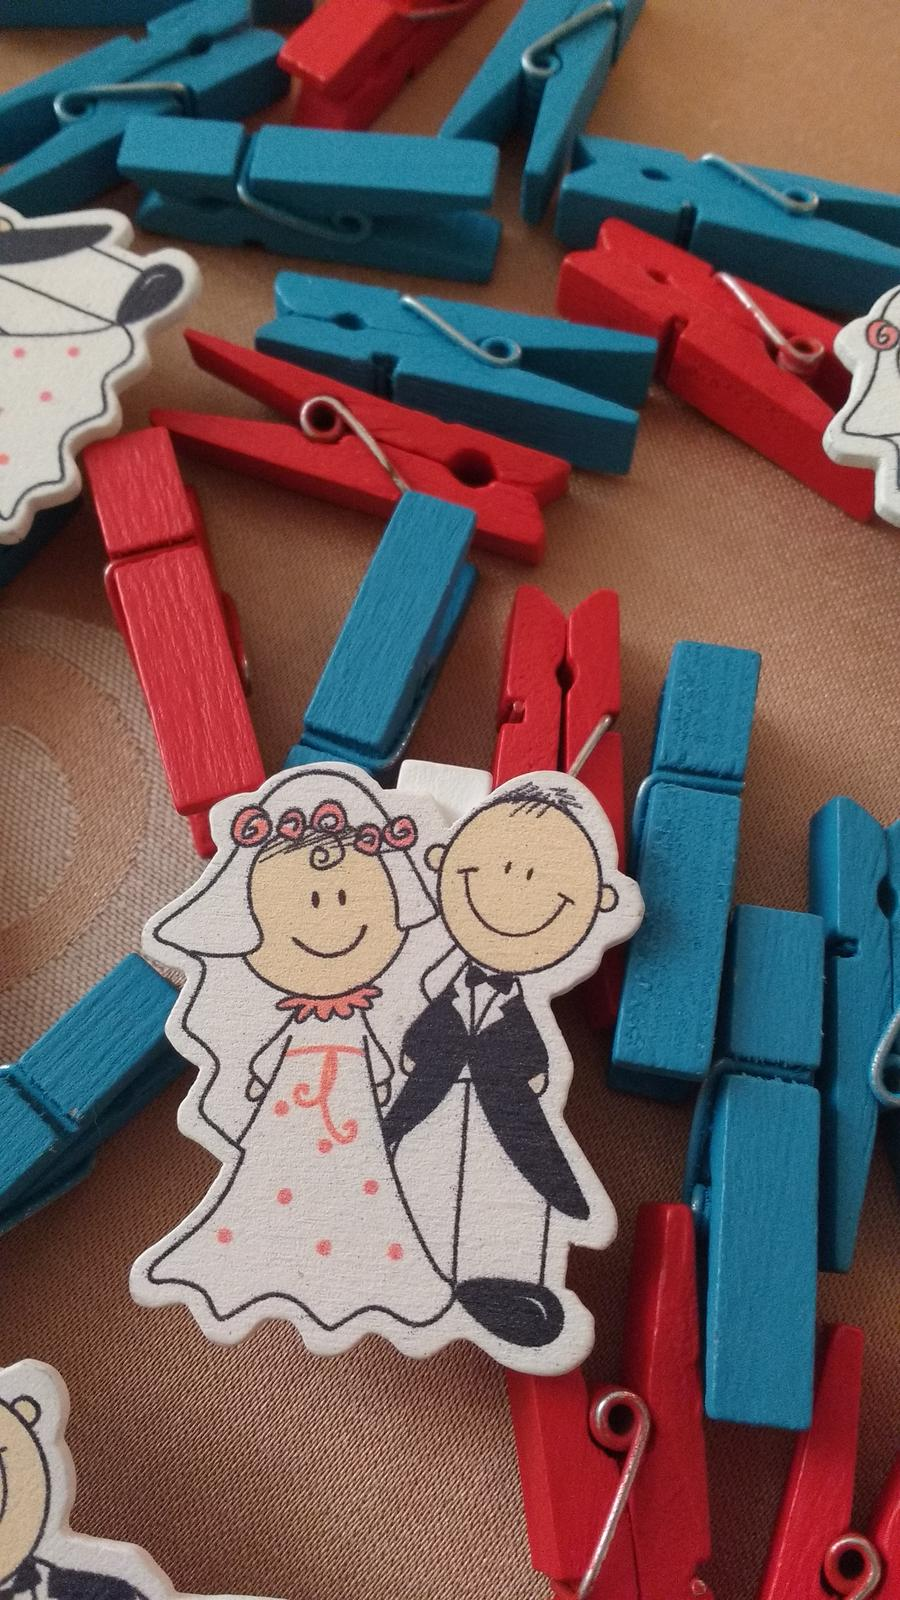 svadobné štipčeky a girlanda sme svoji - Obrázok č. 2